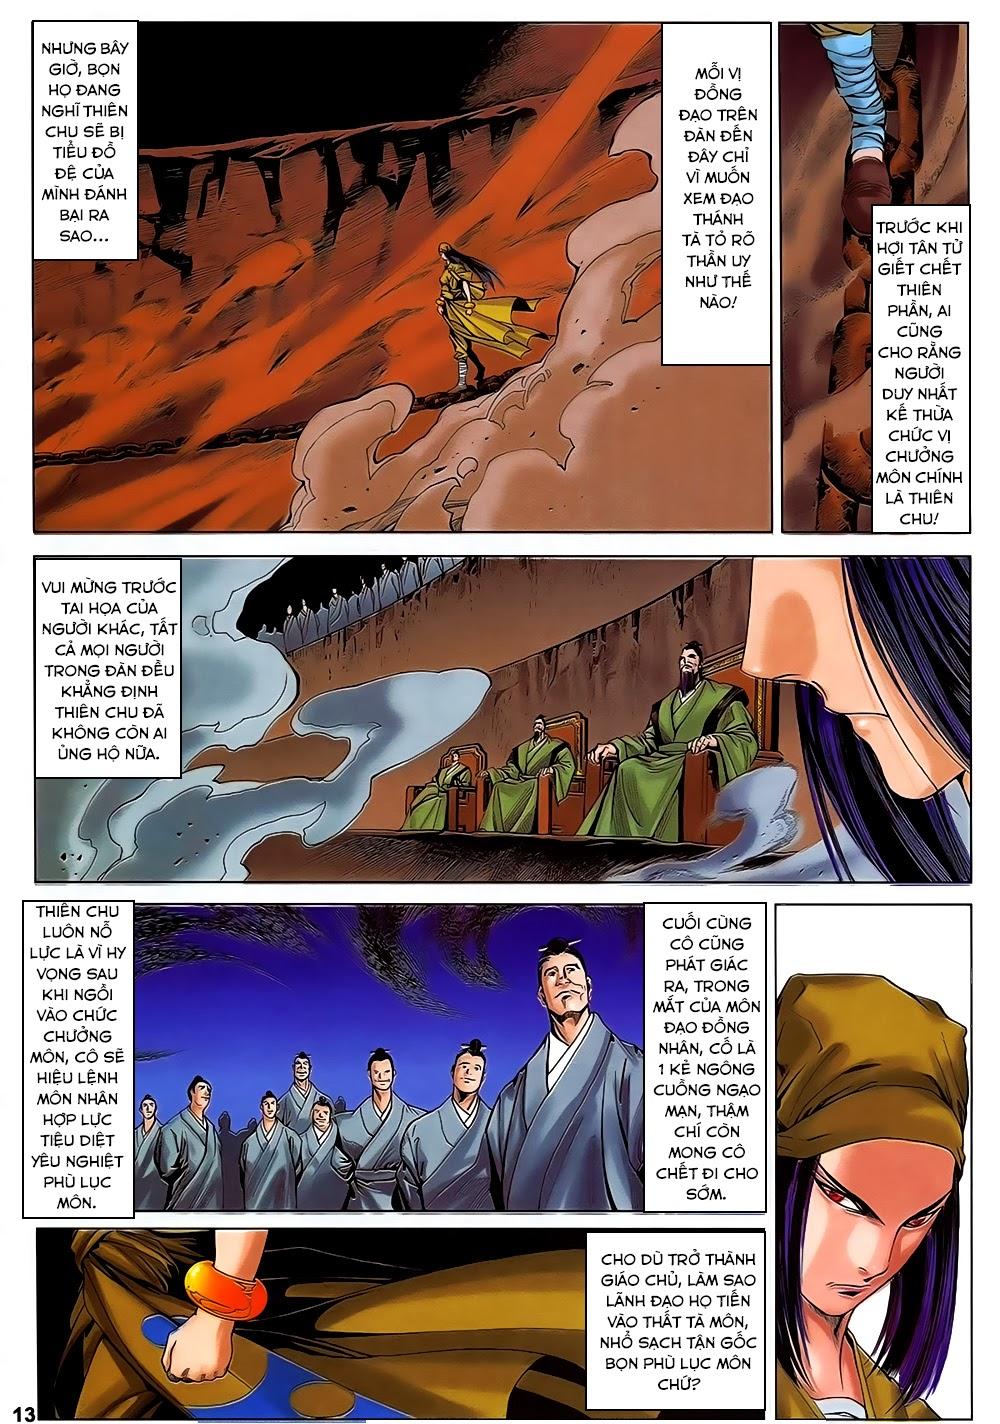 Lục Đạo Thiên Thư chap 31 - Trang 13